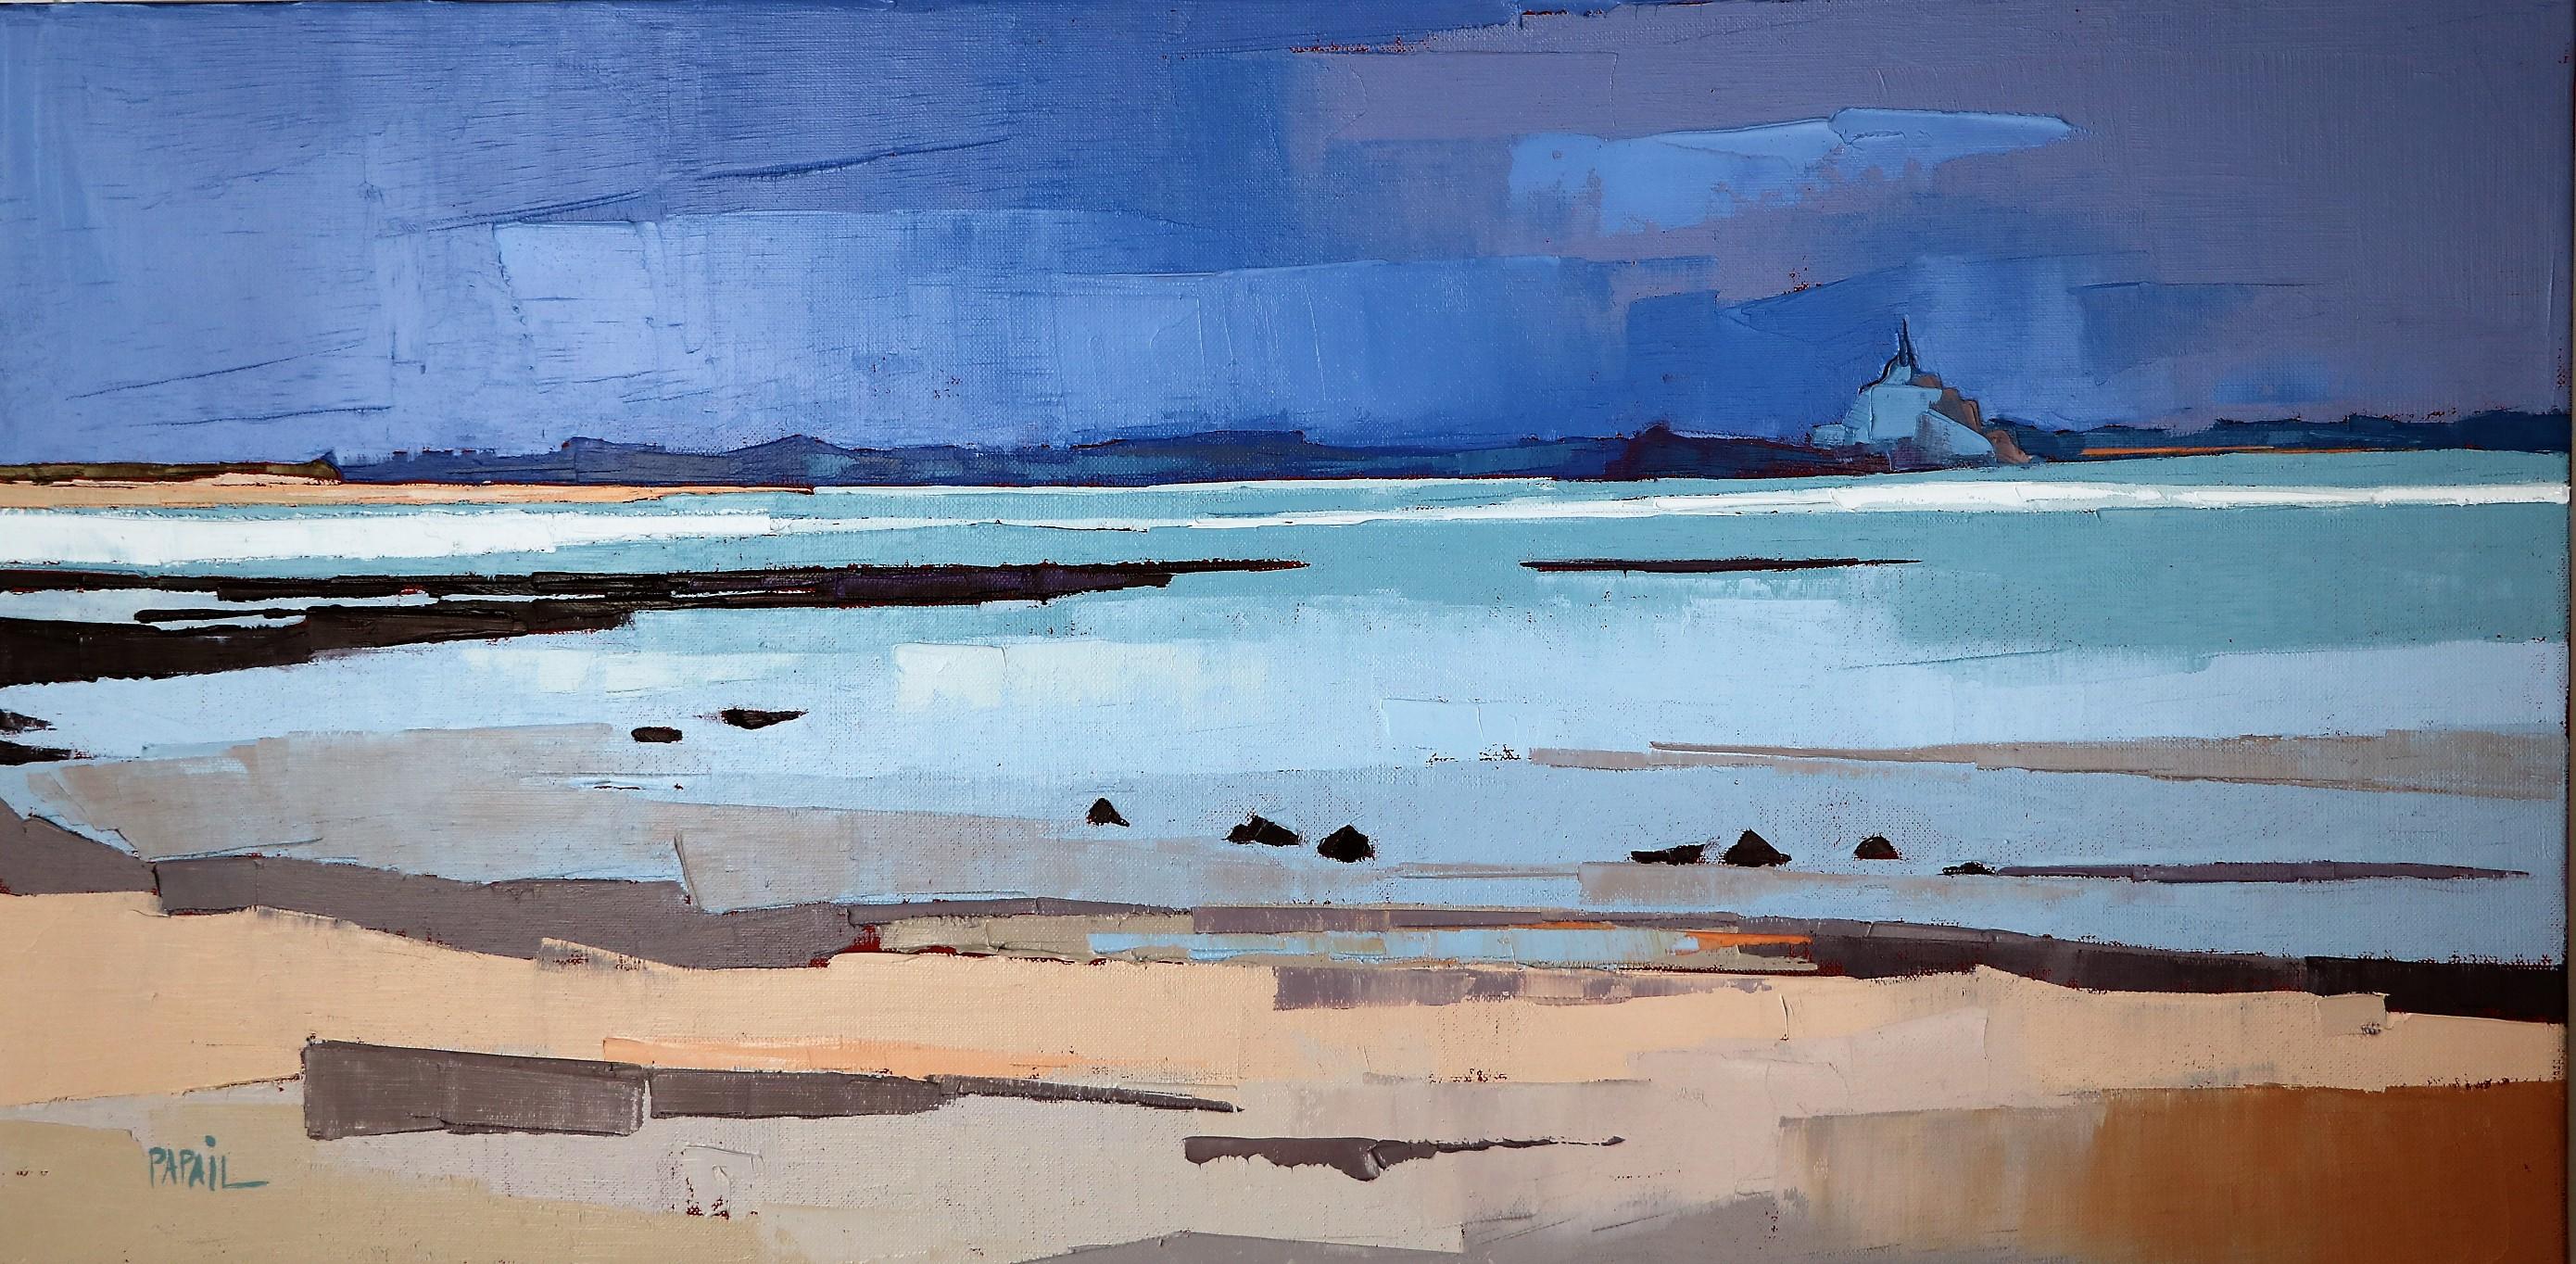 Ciel d'orage dans la baie. 40X80. Françoise Papail.